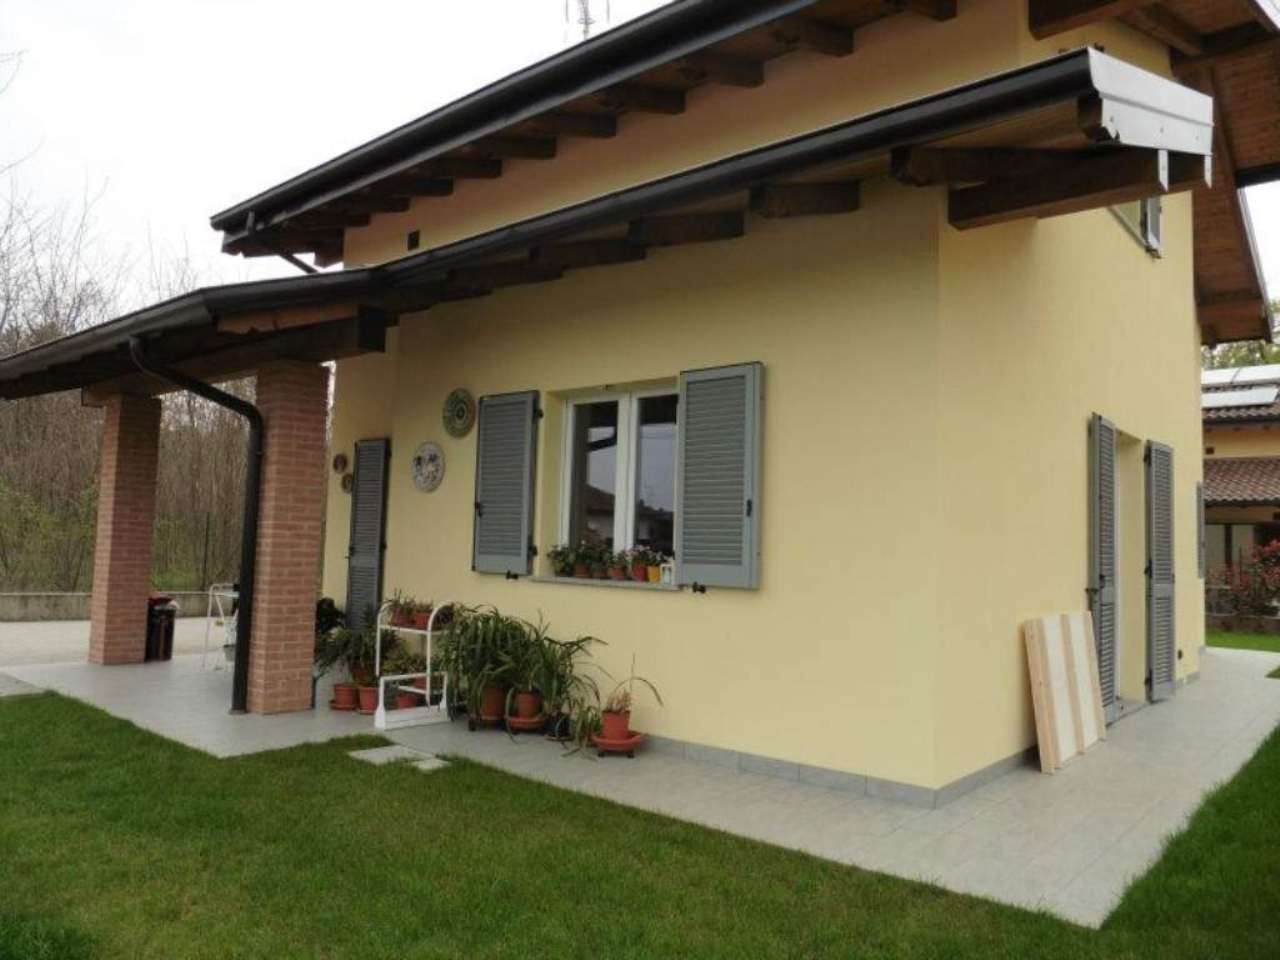 Villa in vendita a Oleggio Castello, 4 locali, prezzo € 275.000   Cambio Casa.it